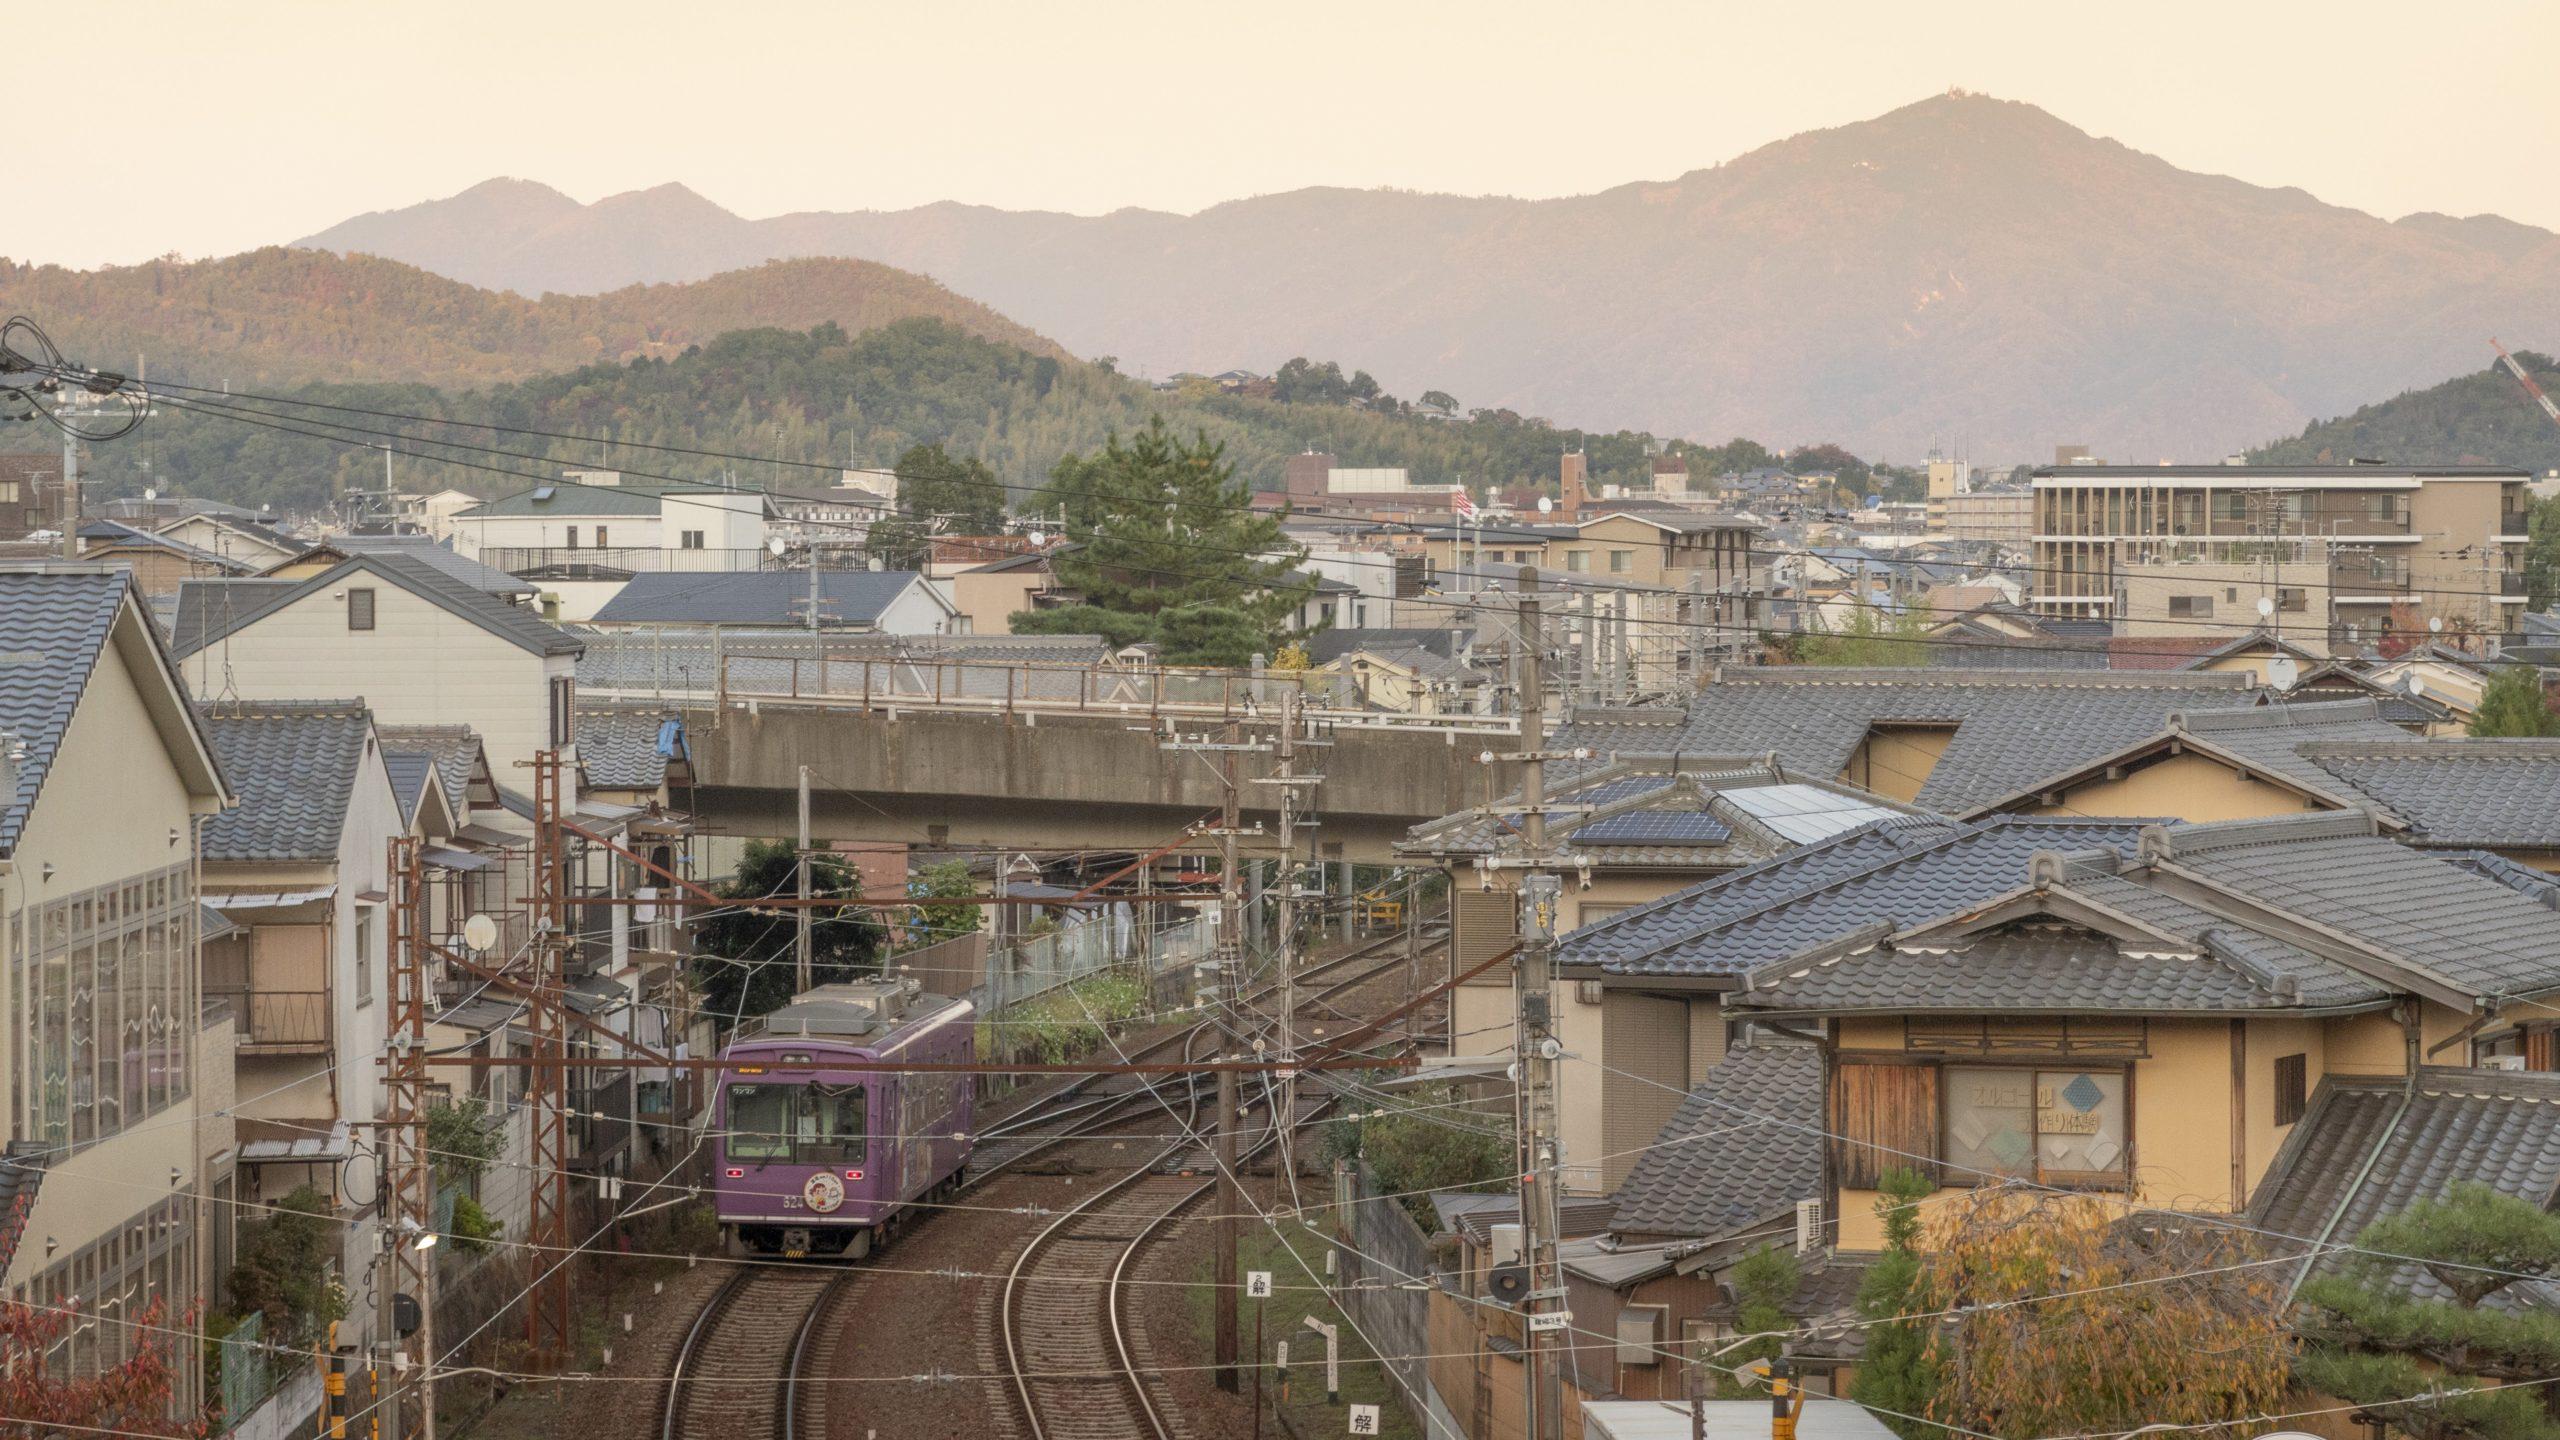 嵐山を見渡す新スポット!嵐電嵐山駅の屋上から紅葉の京都を楽しもう